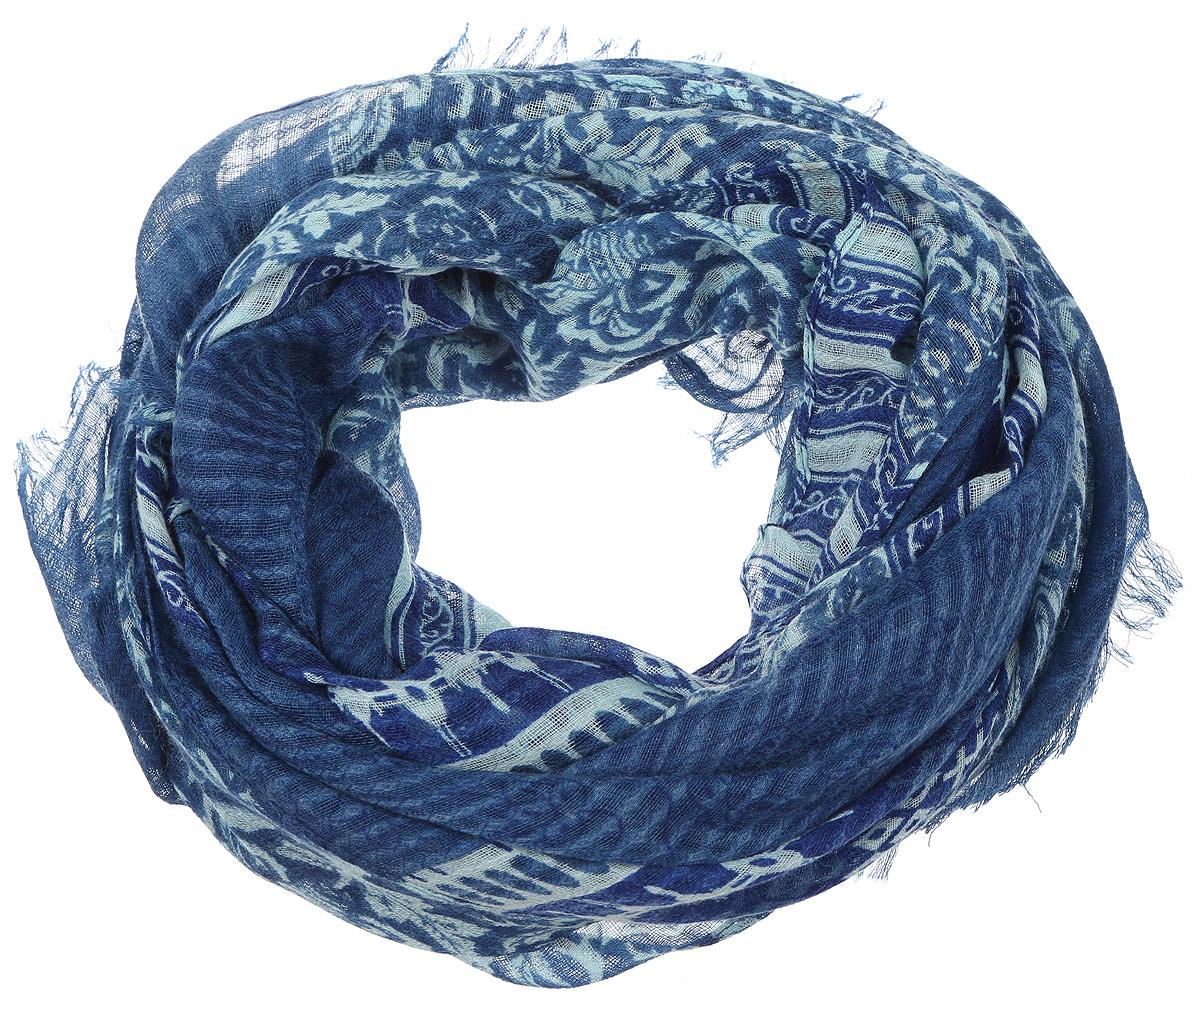 Палантин женский Sophie Ramage, цвет: синий, бледно-голубой. YY-21646-13. Размер 90 см х 180 смYY-21646-13Элегантный палантин Sophie Ramage станет достойным завершением вашего образа. Палантин изготовлен из модала с добавлением шерсти. Модель оформлена стильным узором, а края дополнены тонкой бахромой. Палантин красиво драпируется, он превосходно дополнит любой наряд и подчеркнет ваш изысканный вкус. Легкий и изящный палантин привнесет в ваш образ утонченность и шарм.